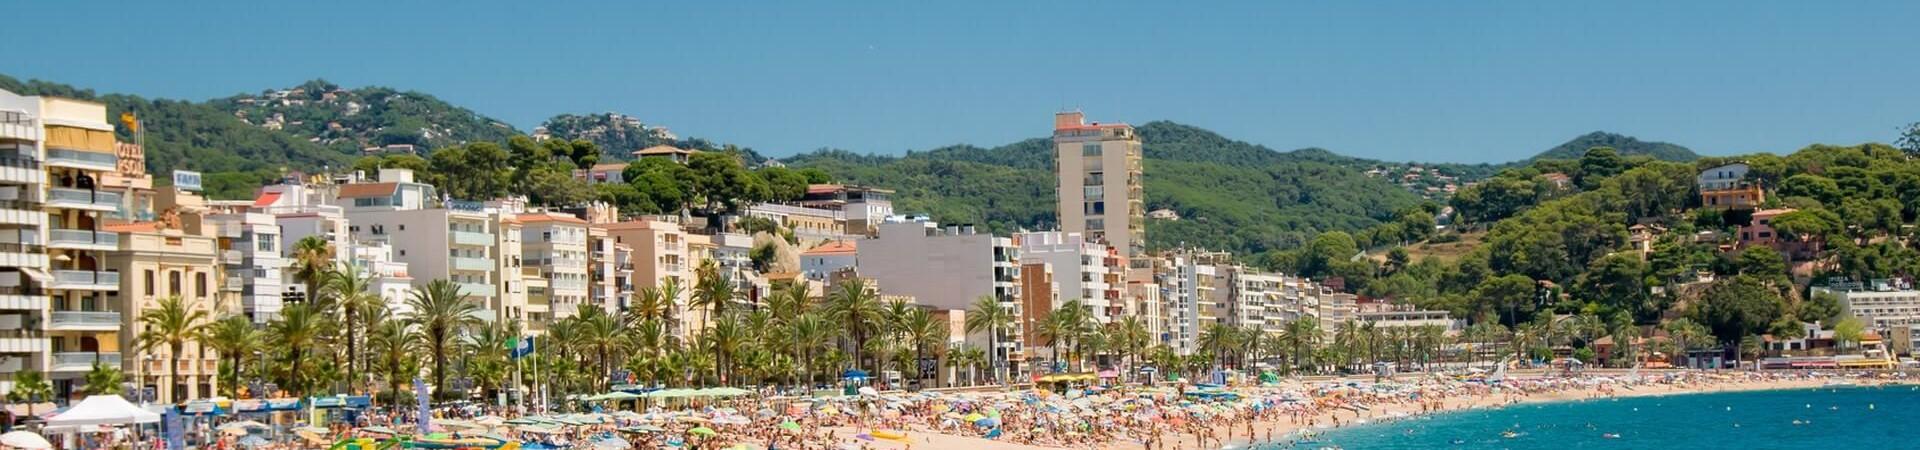 Hiszpania Lloret de Mar